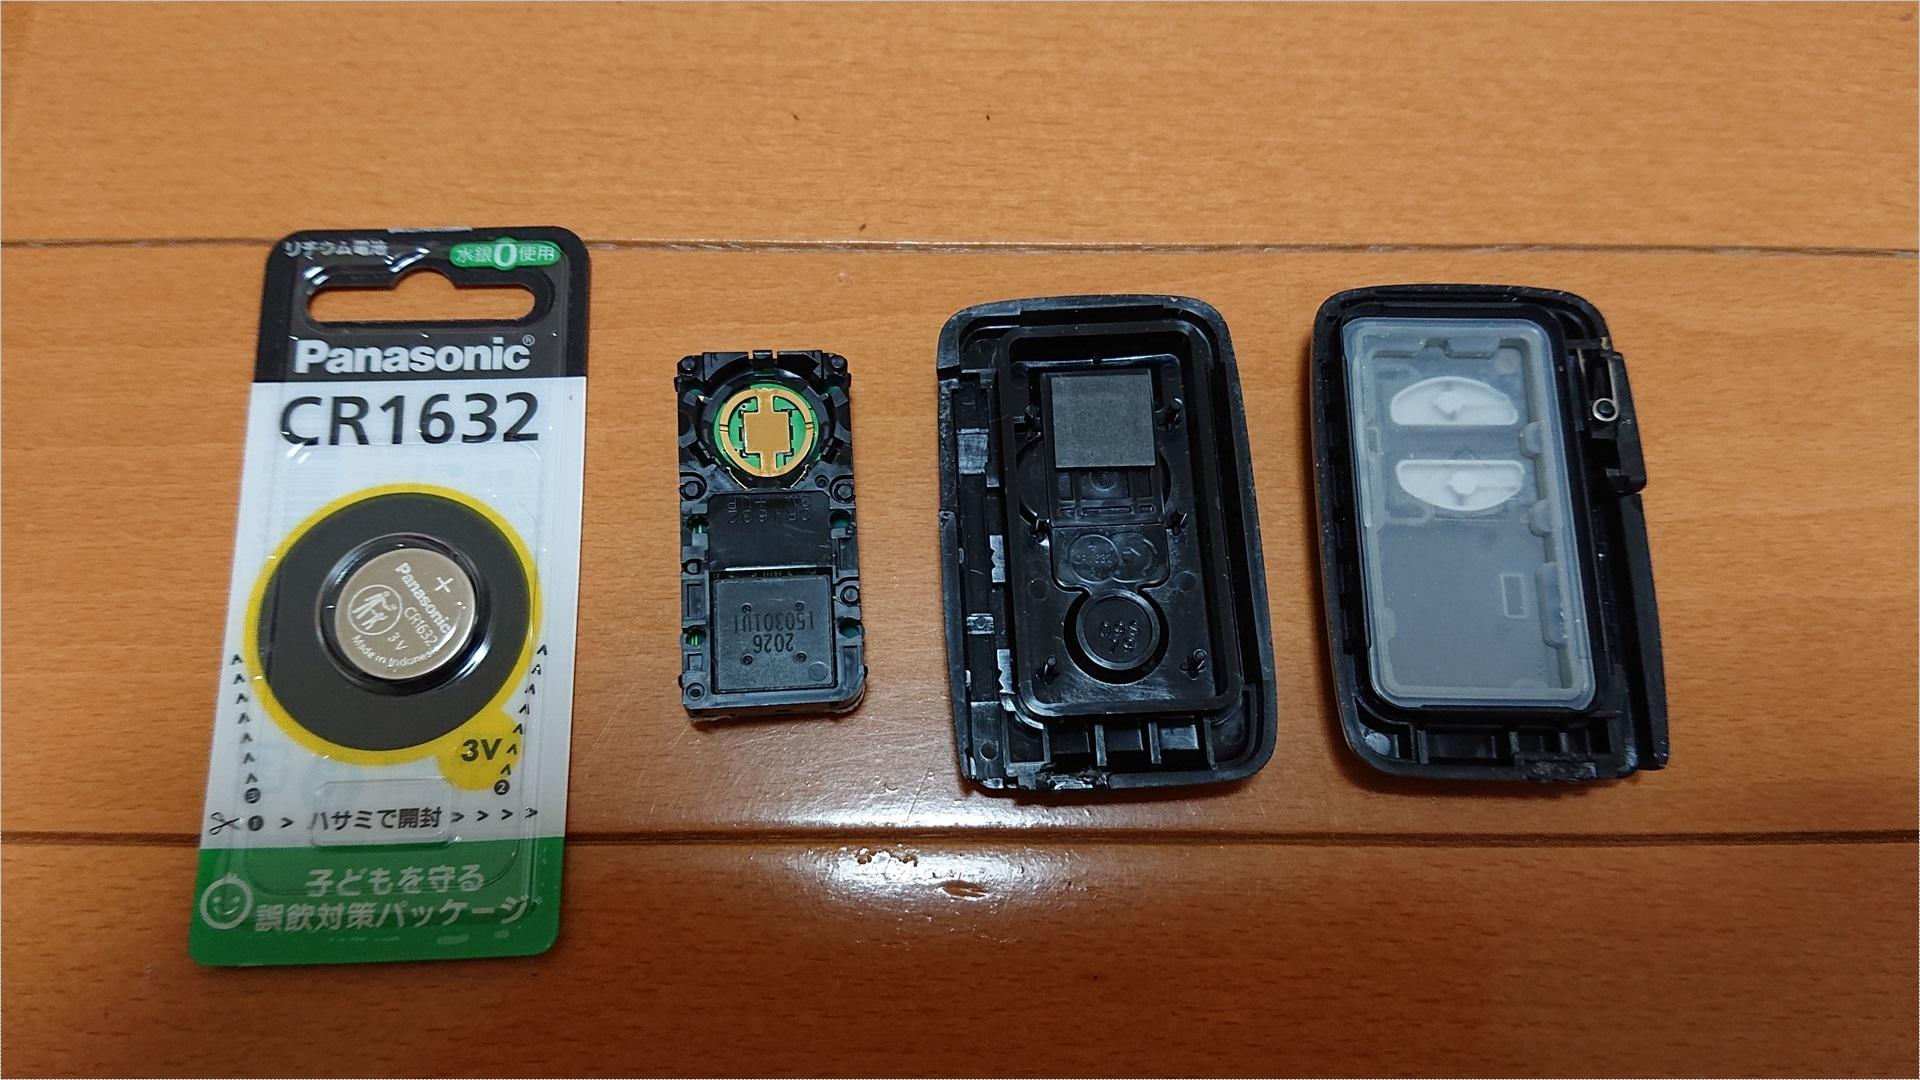 あとは電池を交換するだけですが、電池は結構がっちりホールドされているので、マイナスドライバーでテコの原理を利用して取り出します。ちなみに爪楊枝では取れませんでした。プリウスαのキーの電池は「CR1632」でした。